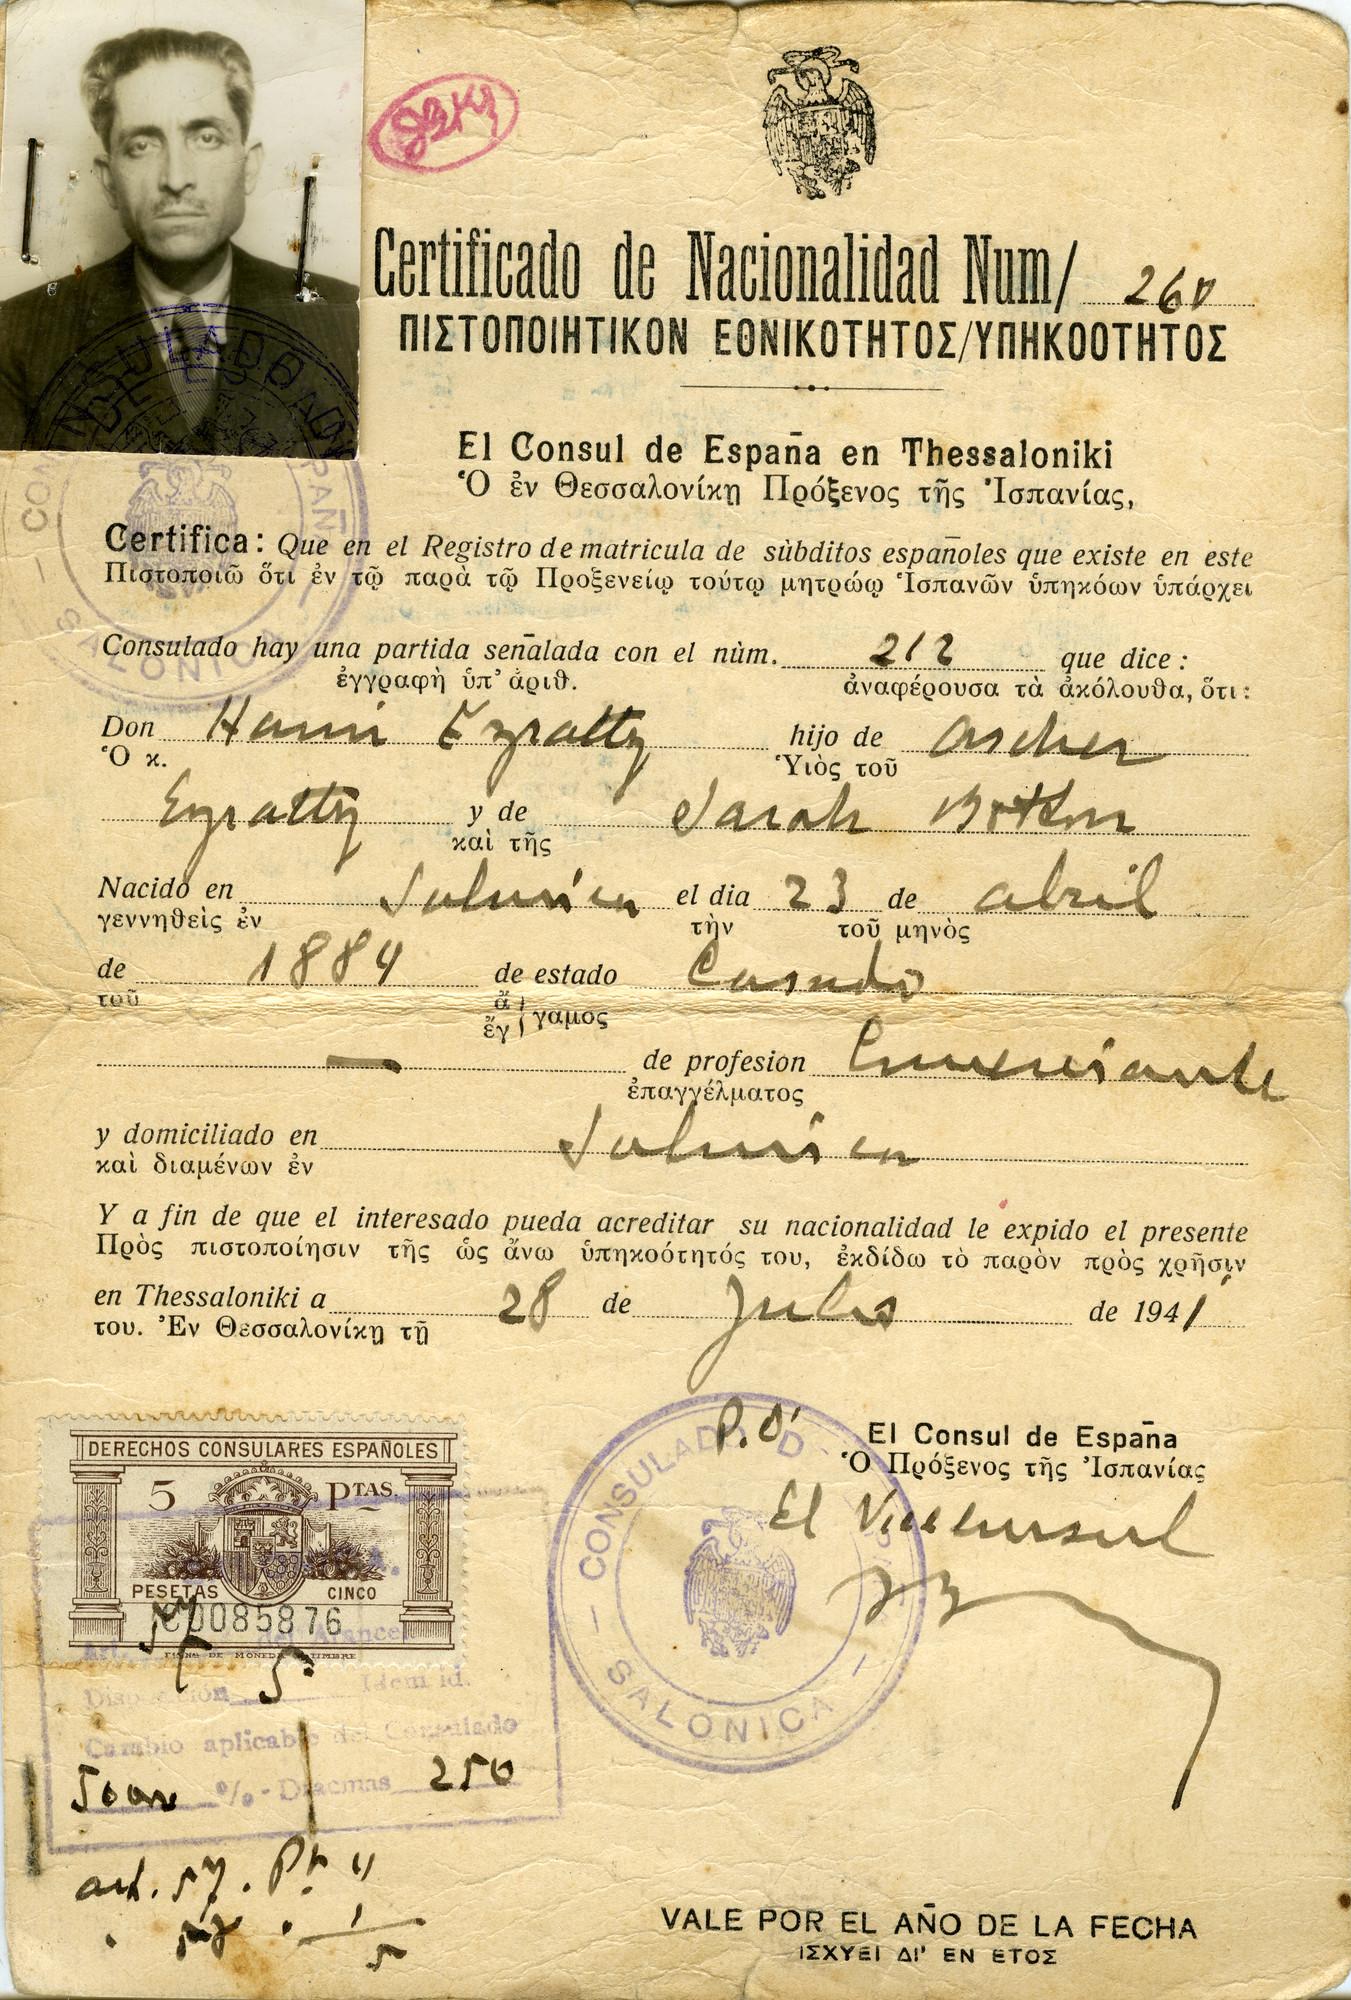 Spanish Certificate of Nationality for Haim Ezratty.